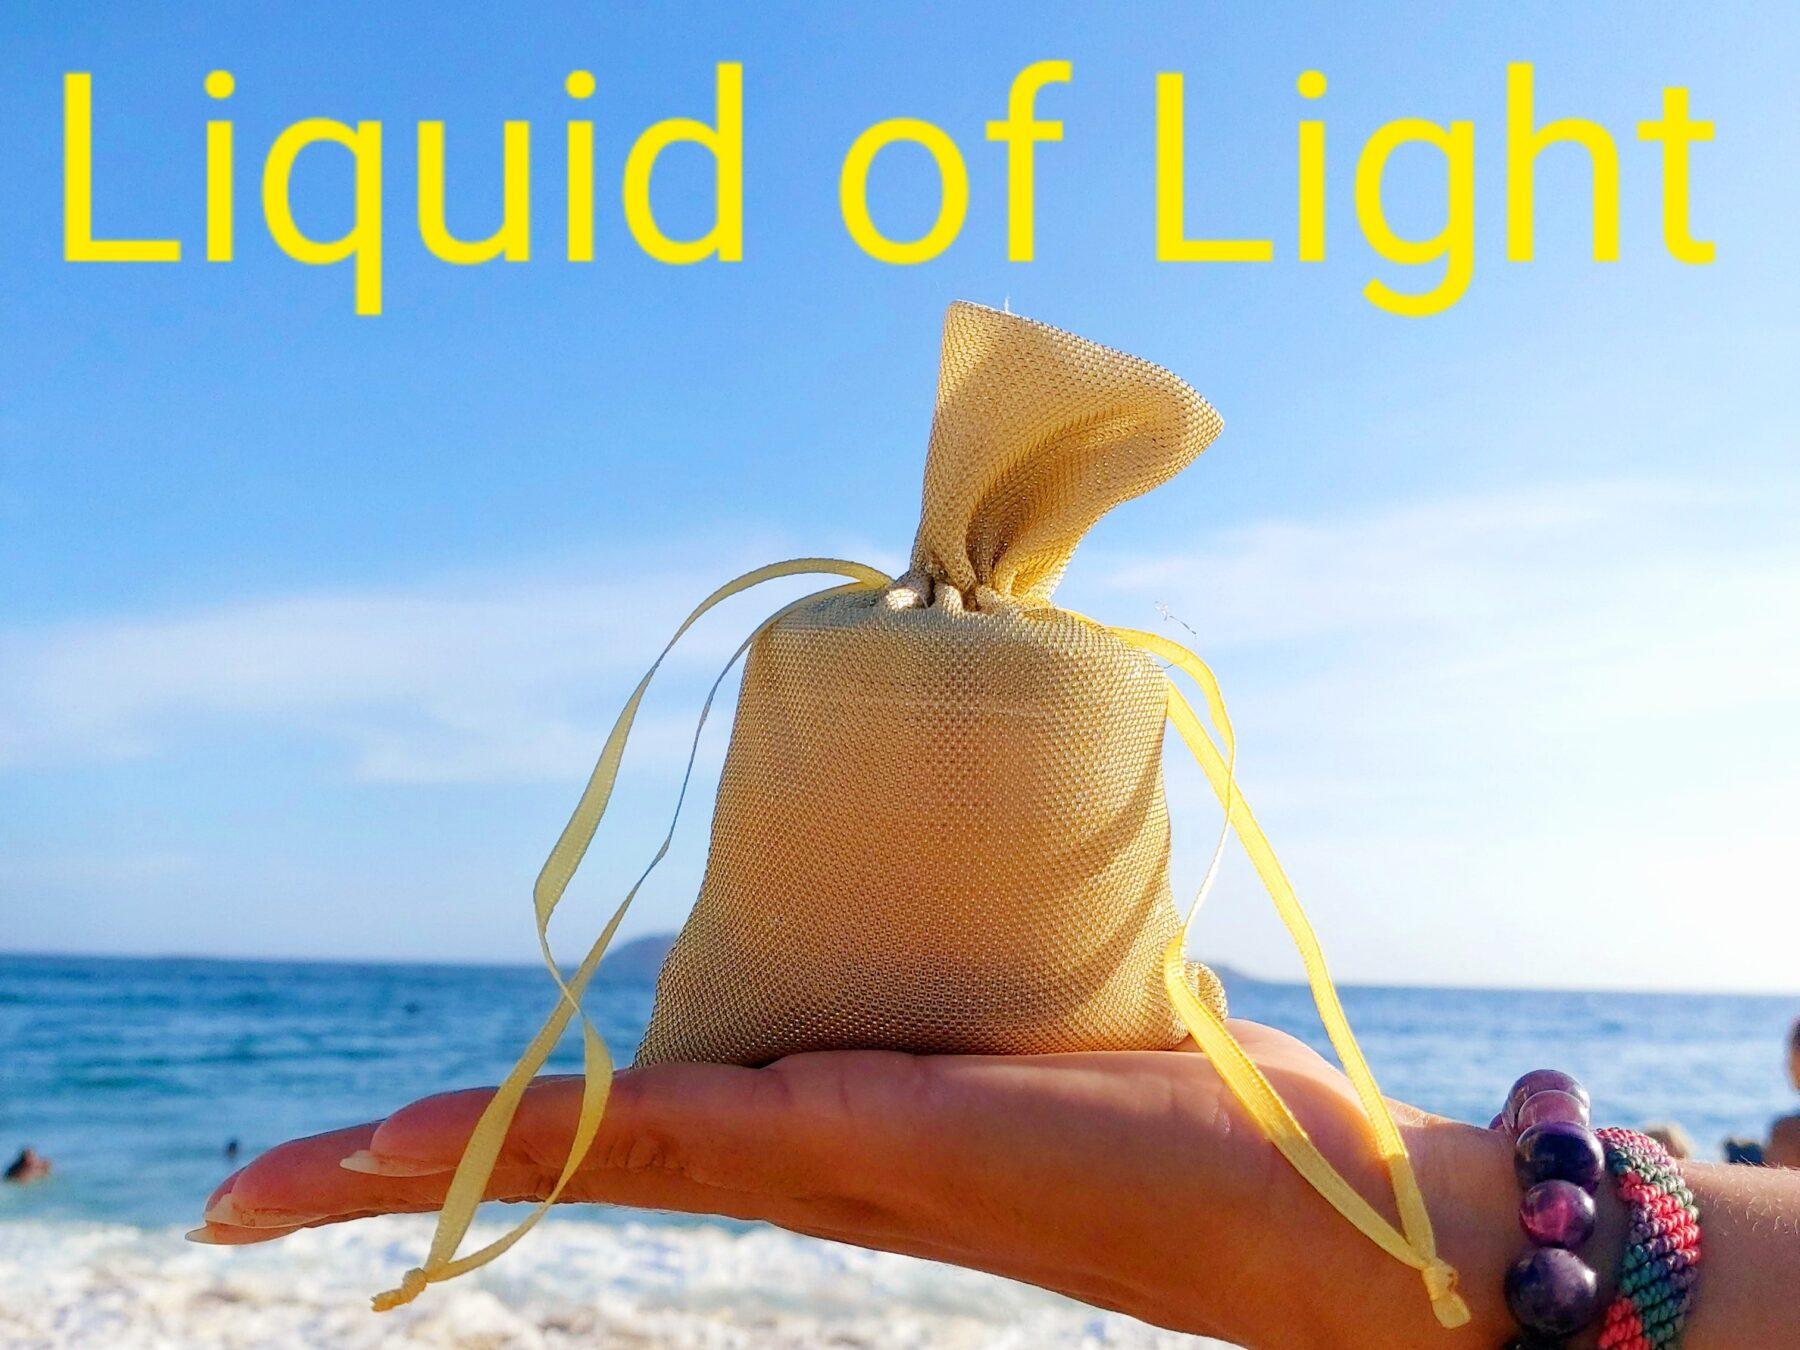 Liquid of Light